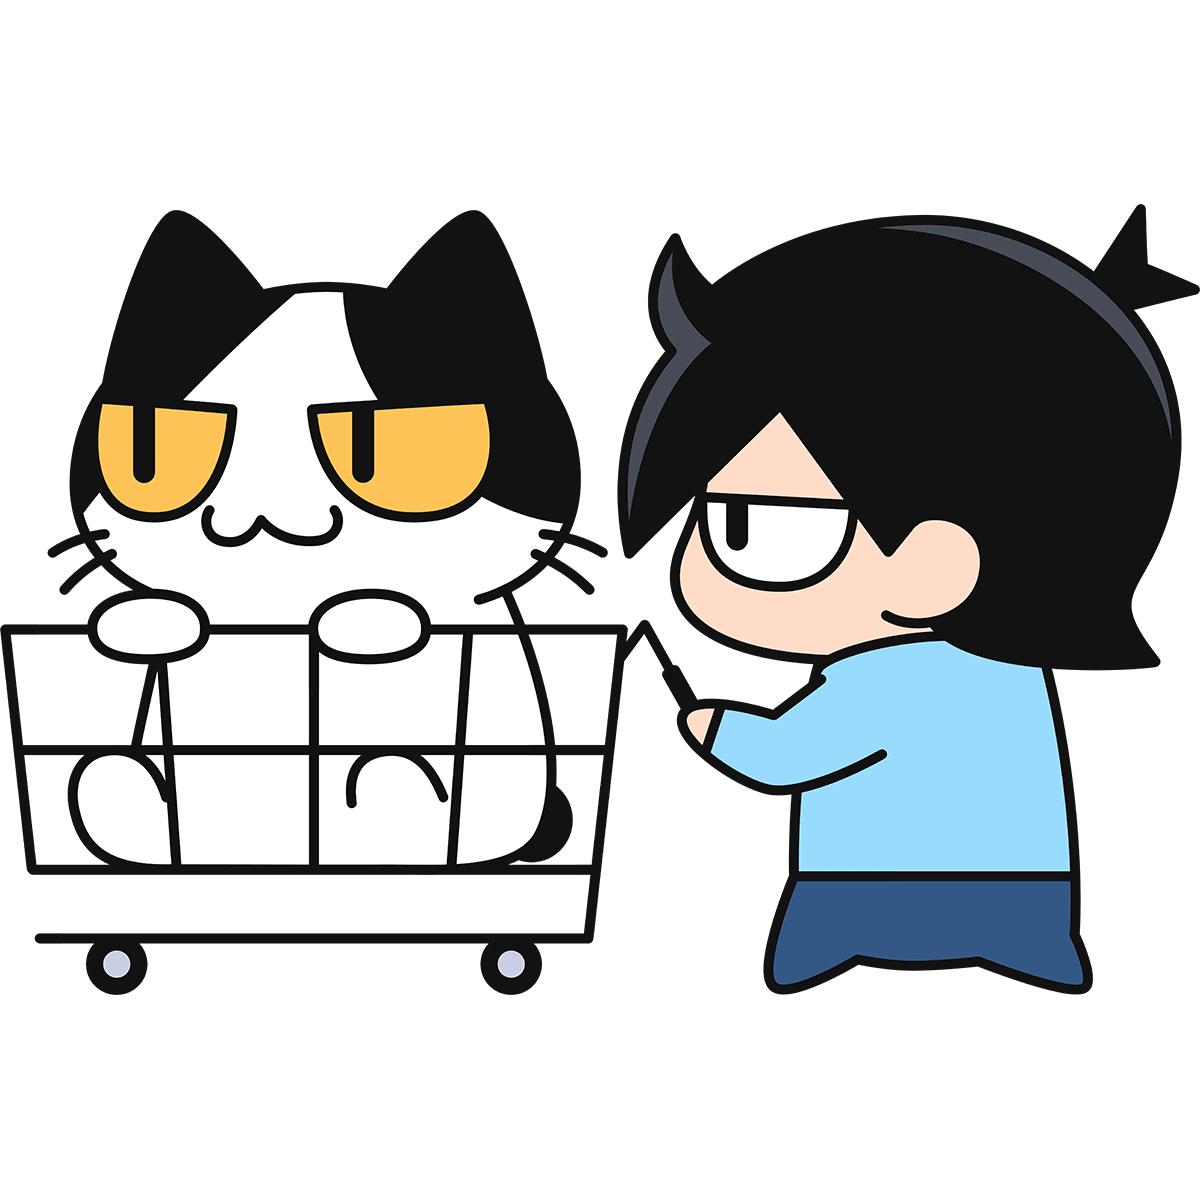 買物カートに乗る猫の無料イラスト